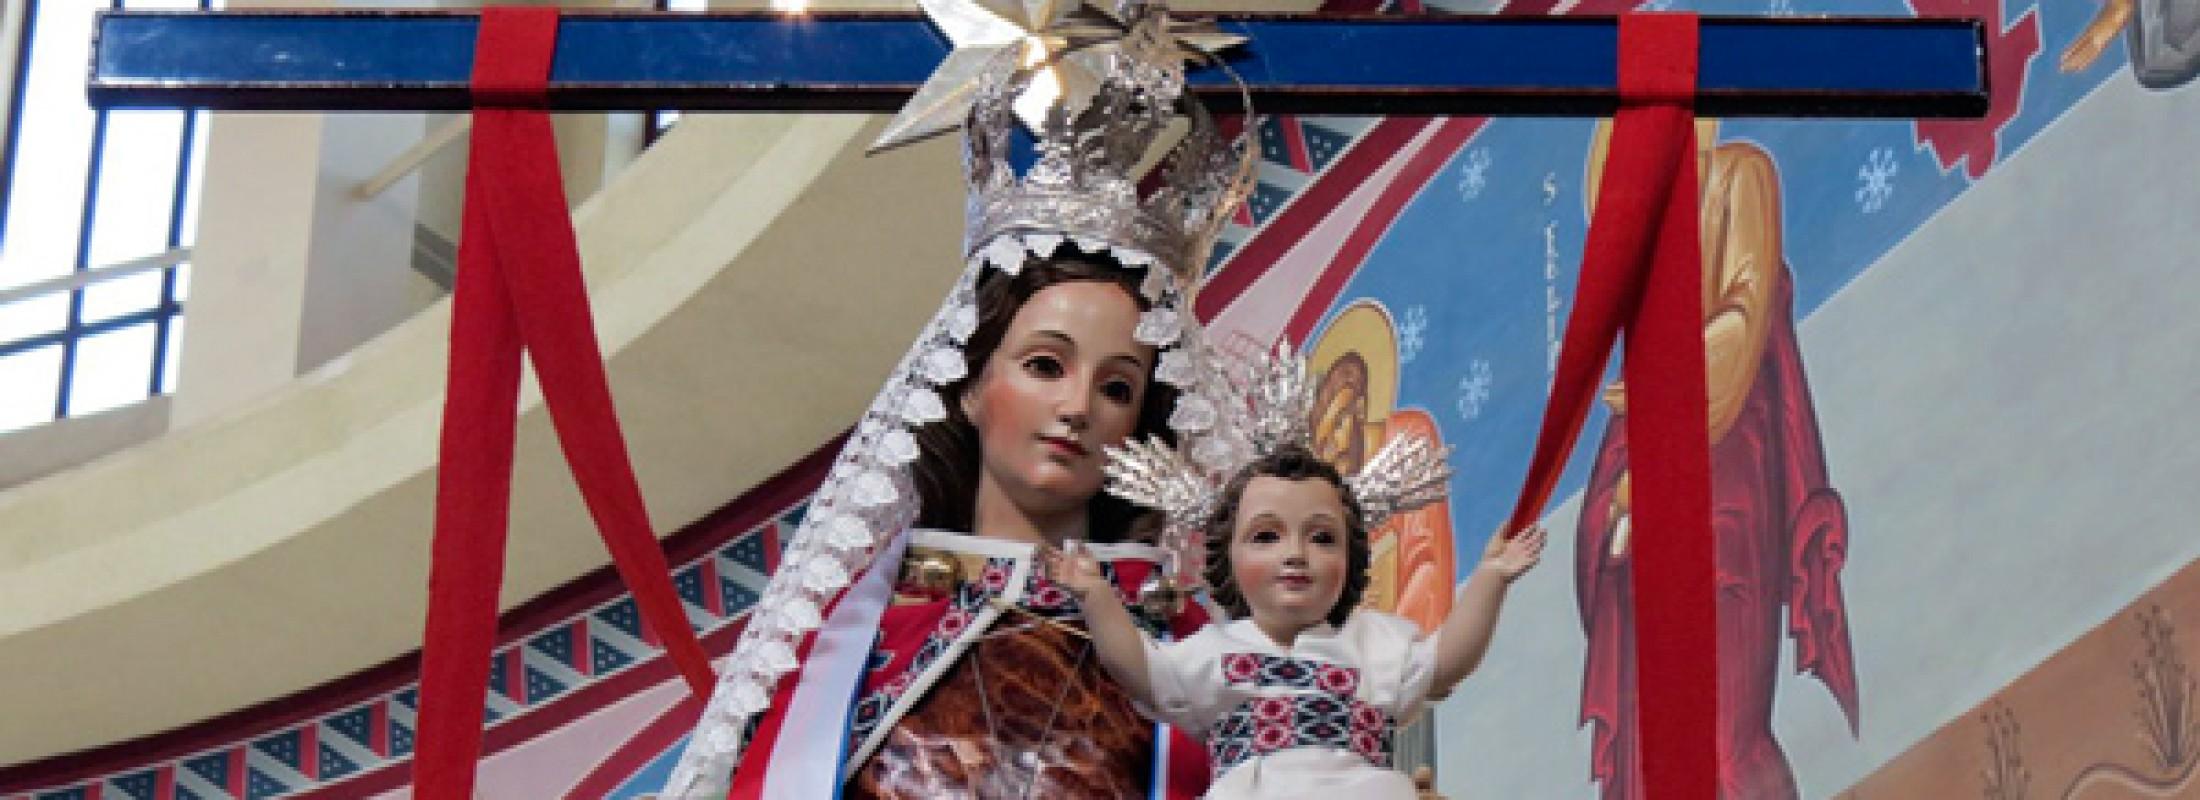 Obispo de Iquique relata el paso de la Virgen del Carmen Misionera por su diócesis